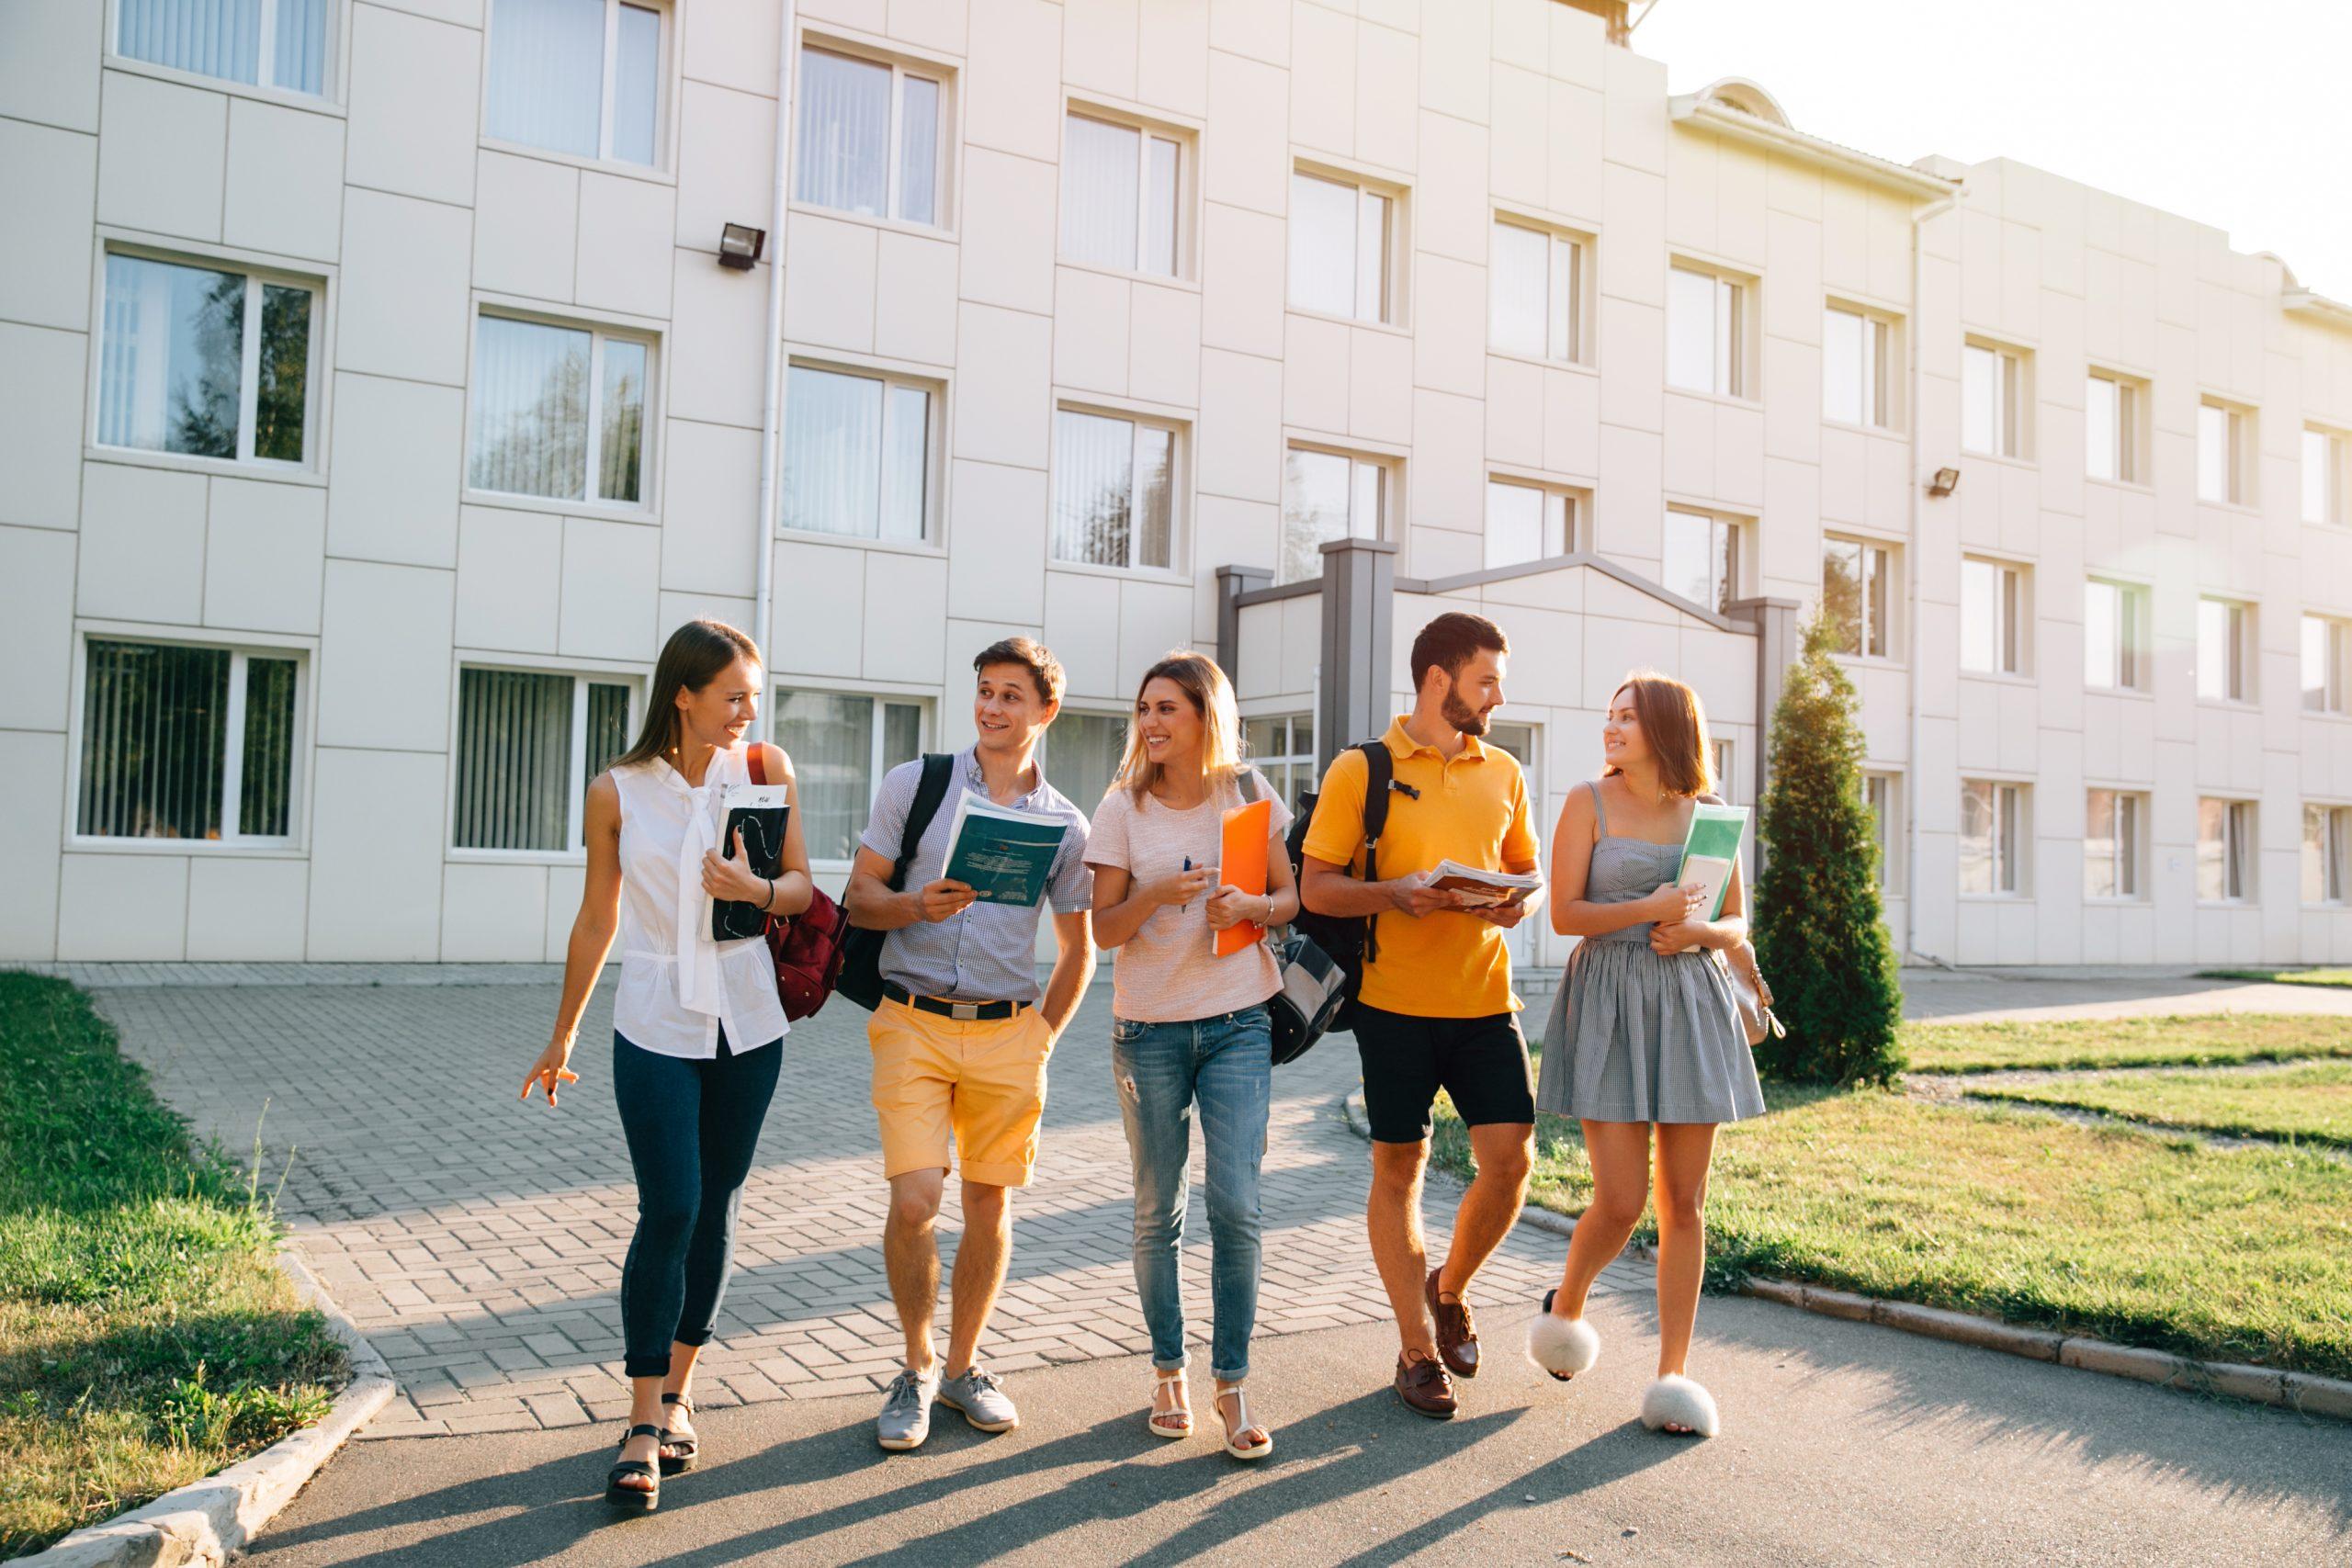 Conheça os 8 principais passos de como entrar em uma universidade americana